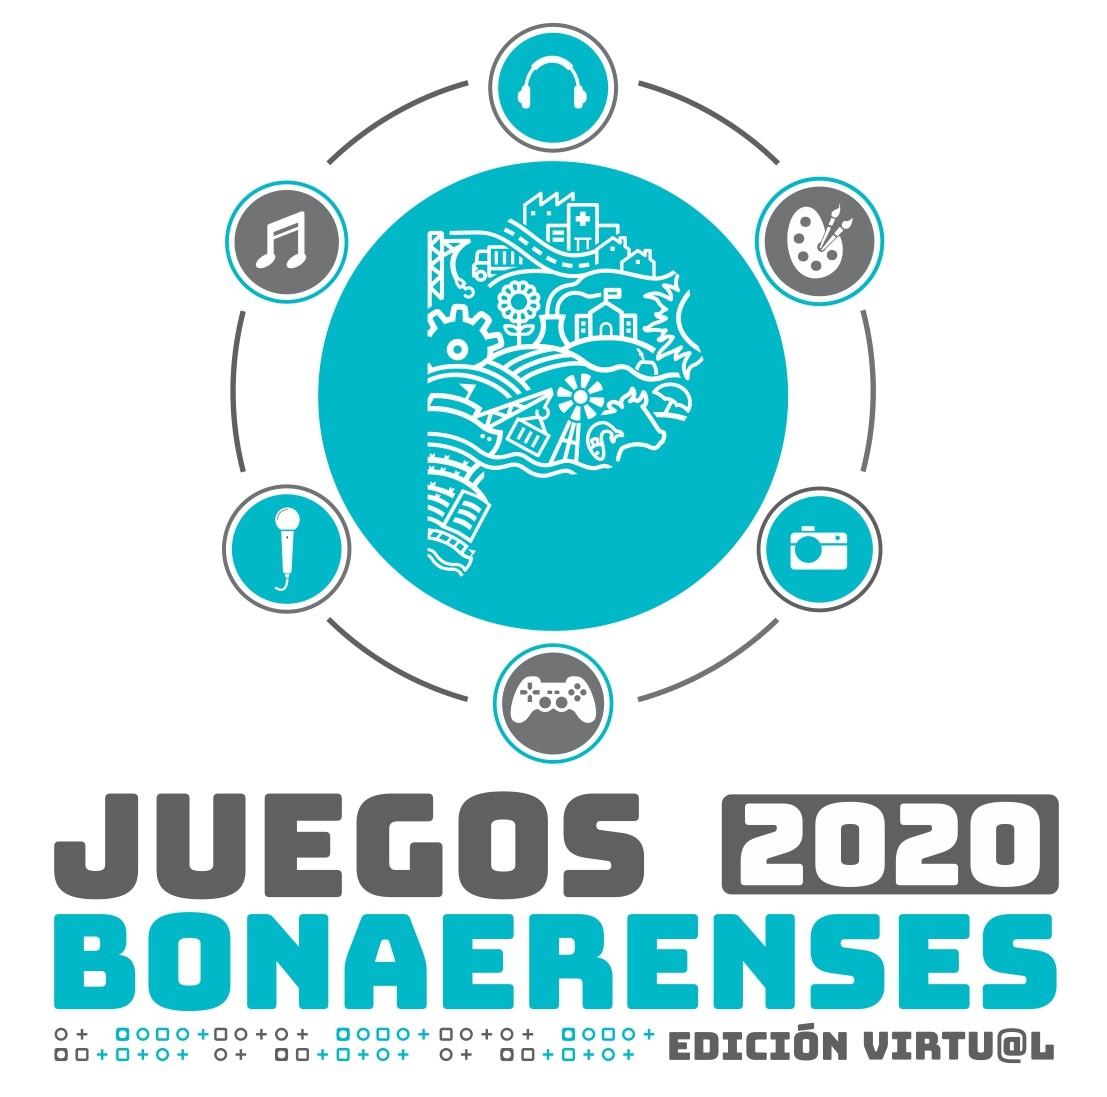 JUEGOS BONAERENSES 2020